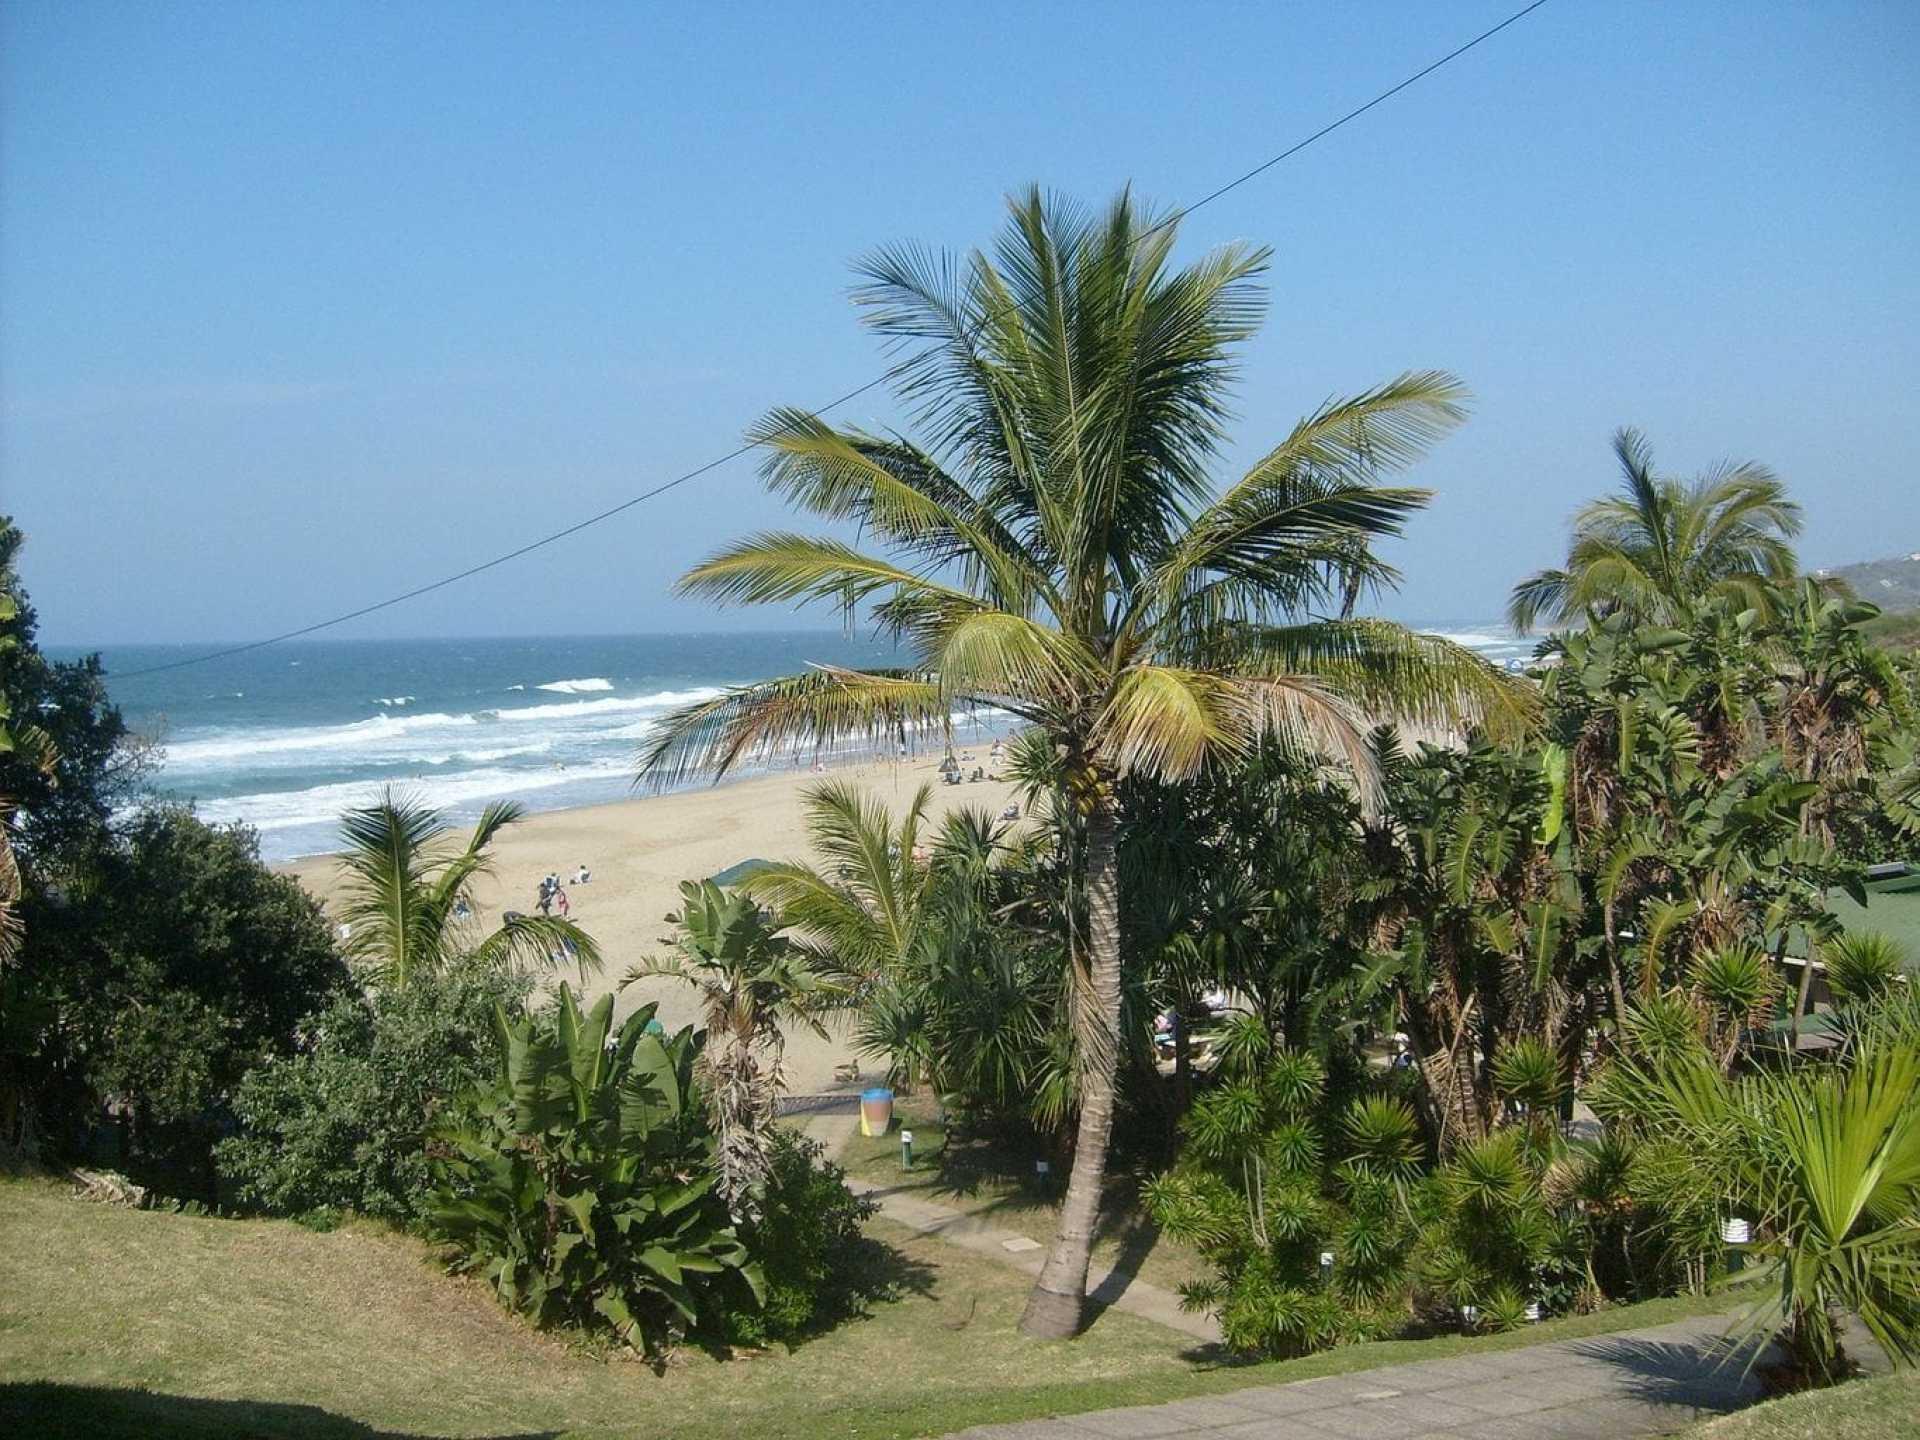 Marina Bay, lined with palm trees like Honolulu